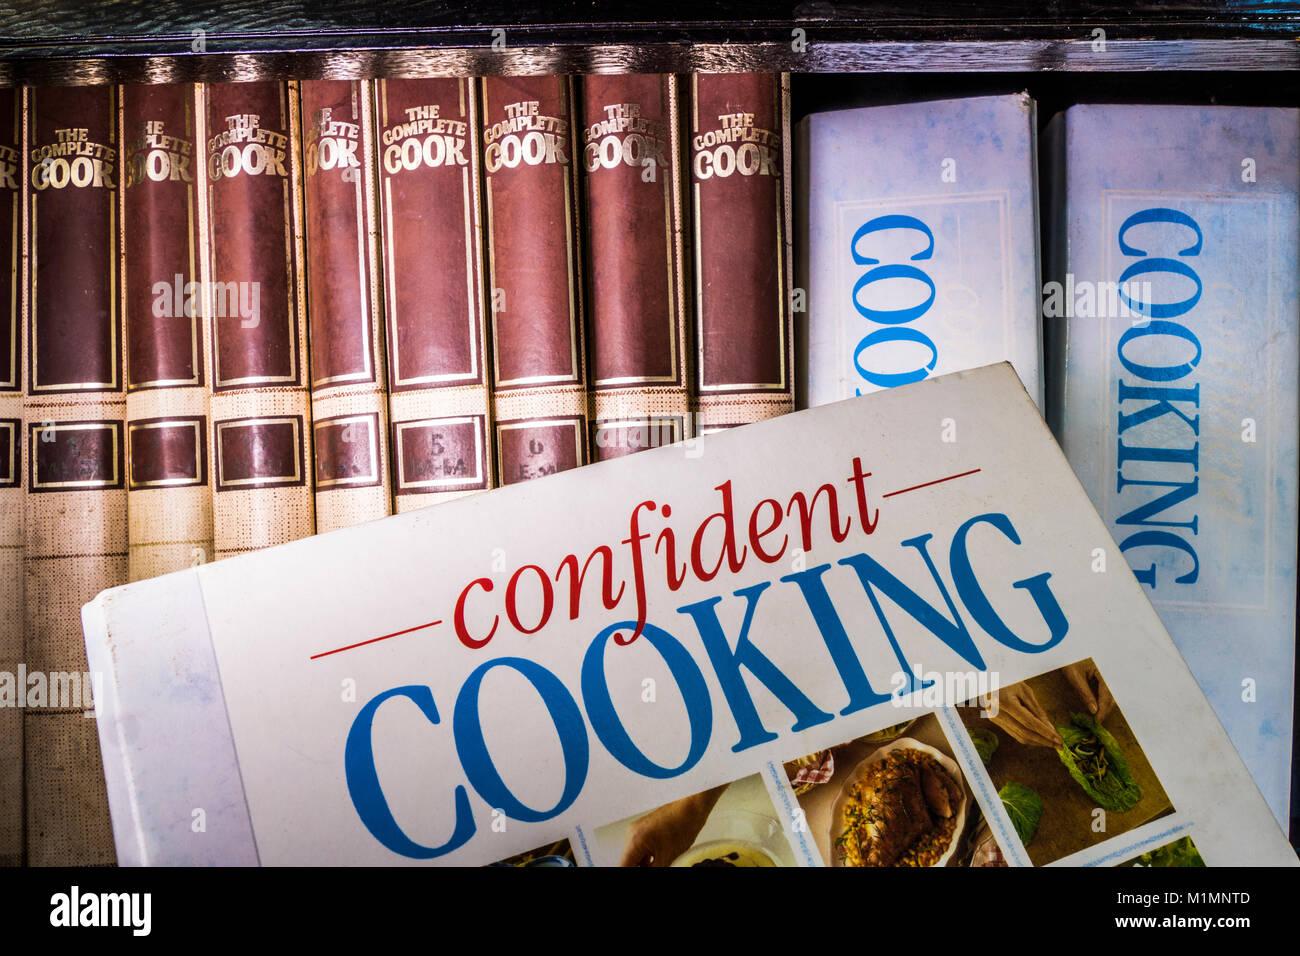 Sortiment von Selbsthilfe, Hardcover, Kochbücher mit Rezepten, in einer Reihe auf einem Buch, mit dem Titel Stockbild